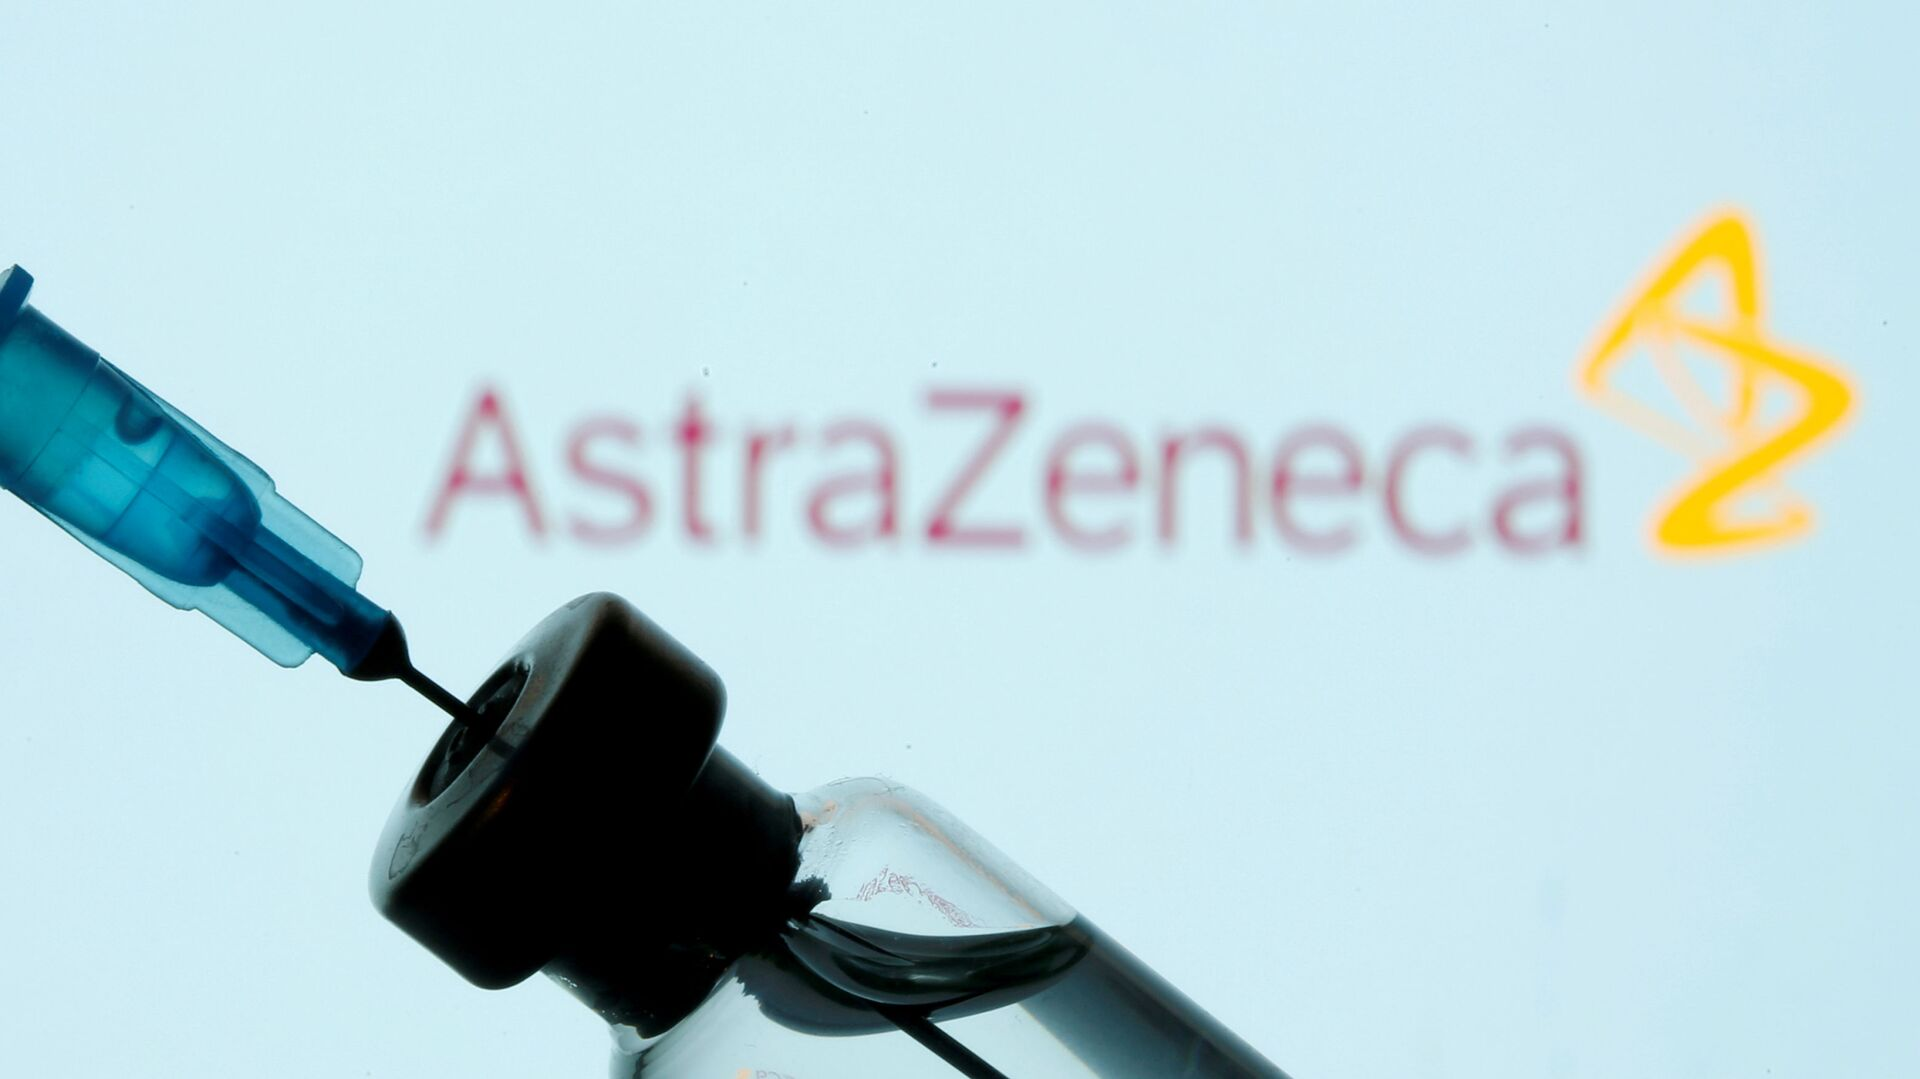 Vacuna de la farmacéutica británica AstraZeneca - Sputnik Mundo, 1920, 02.02.2021